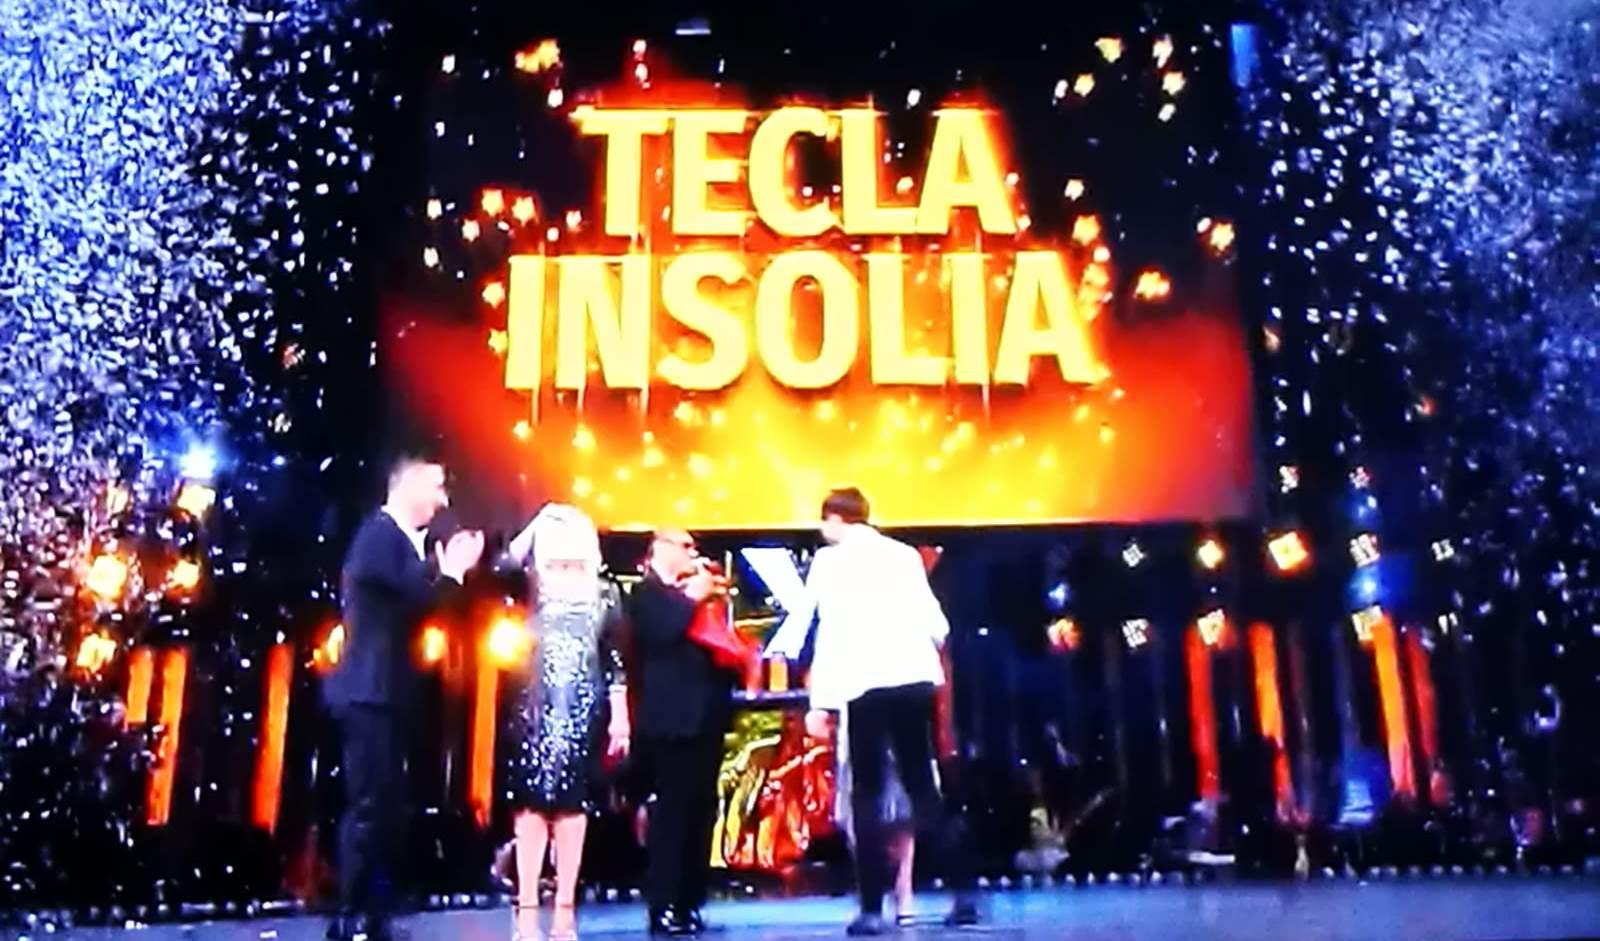 Tecla Insolia: da Piombino al palco di Sanremo 2020.